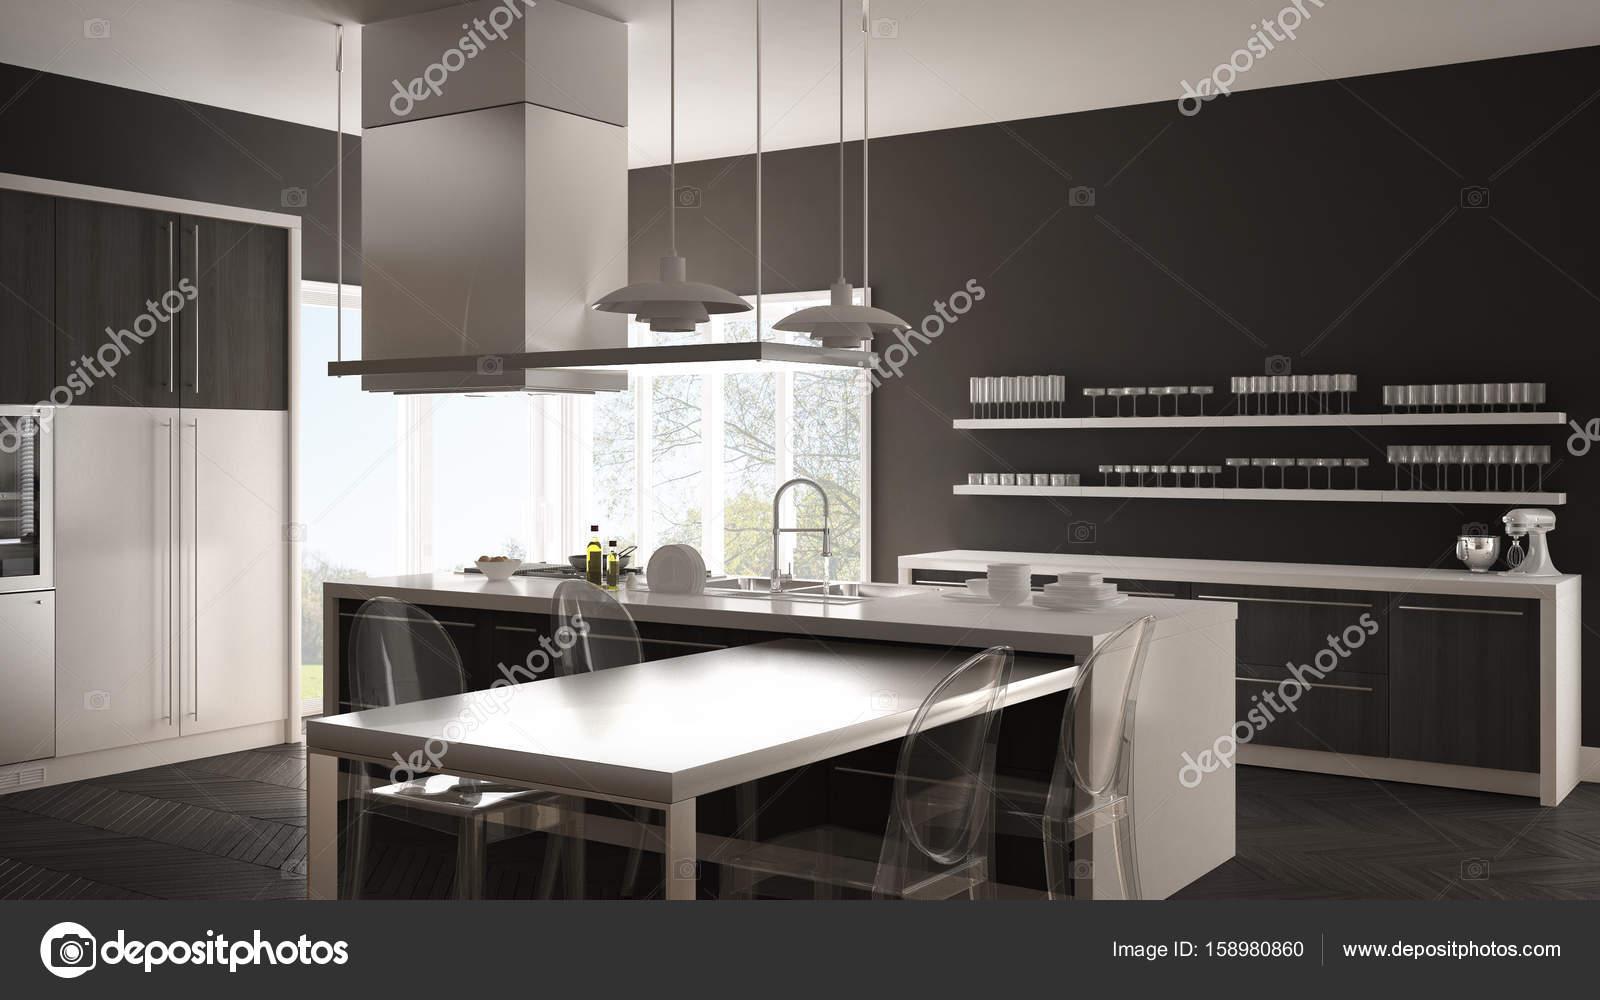 Cocina moderna minimalista con mesa, sillas y suelo de parqué ...